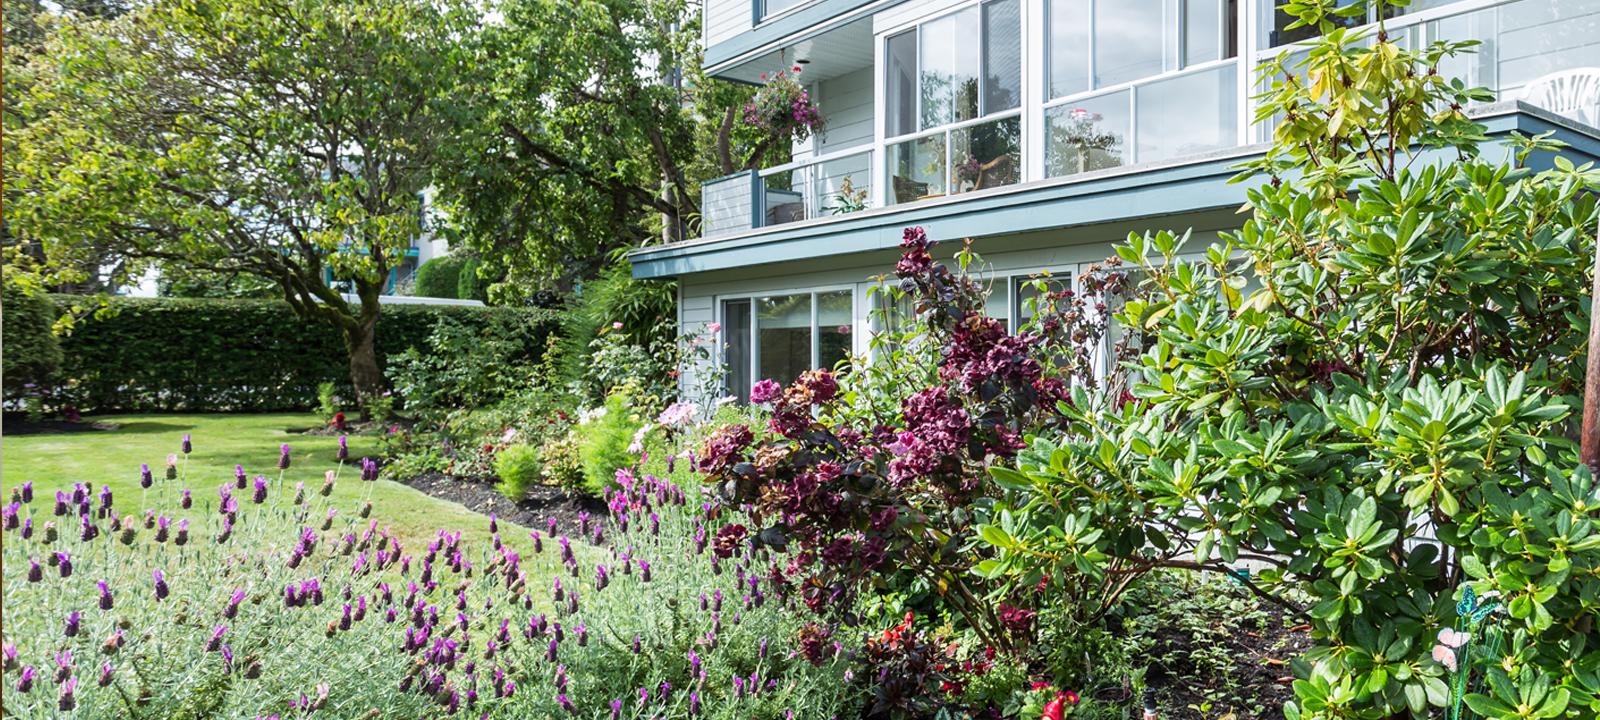 Outdoor garden at Amica Douglas House senior living residence.